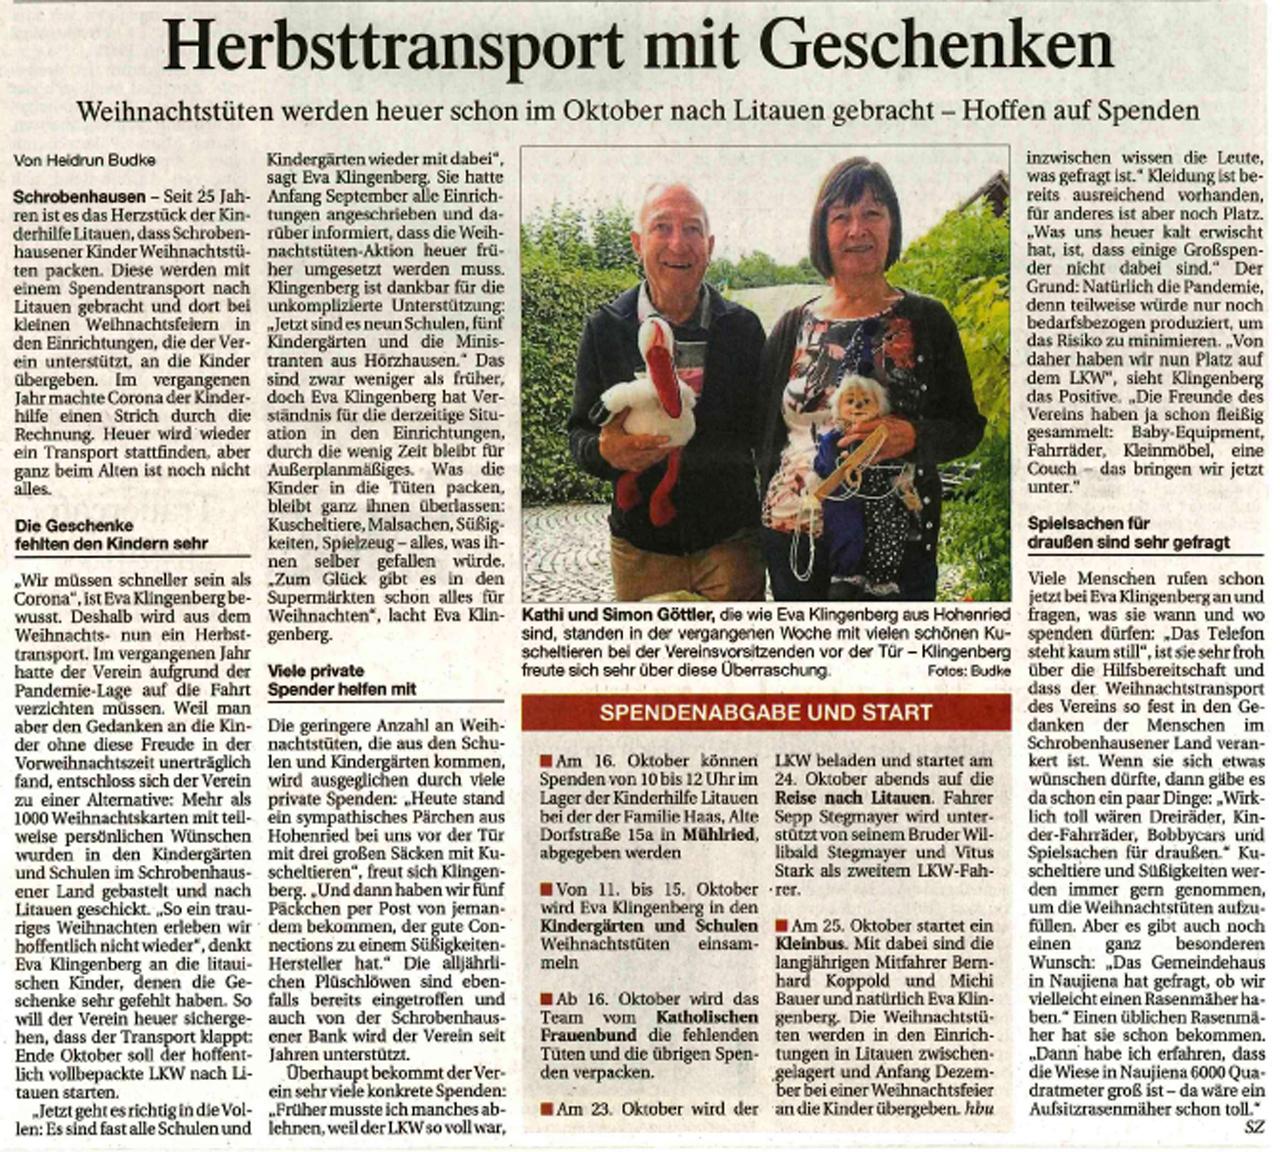 Herbsttransport 2021 Von Heidrum Budke Schrobenhausener Zeitung 08.10.2021